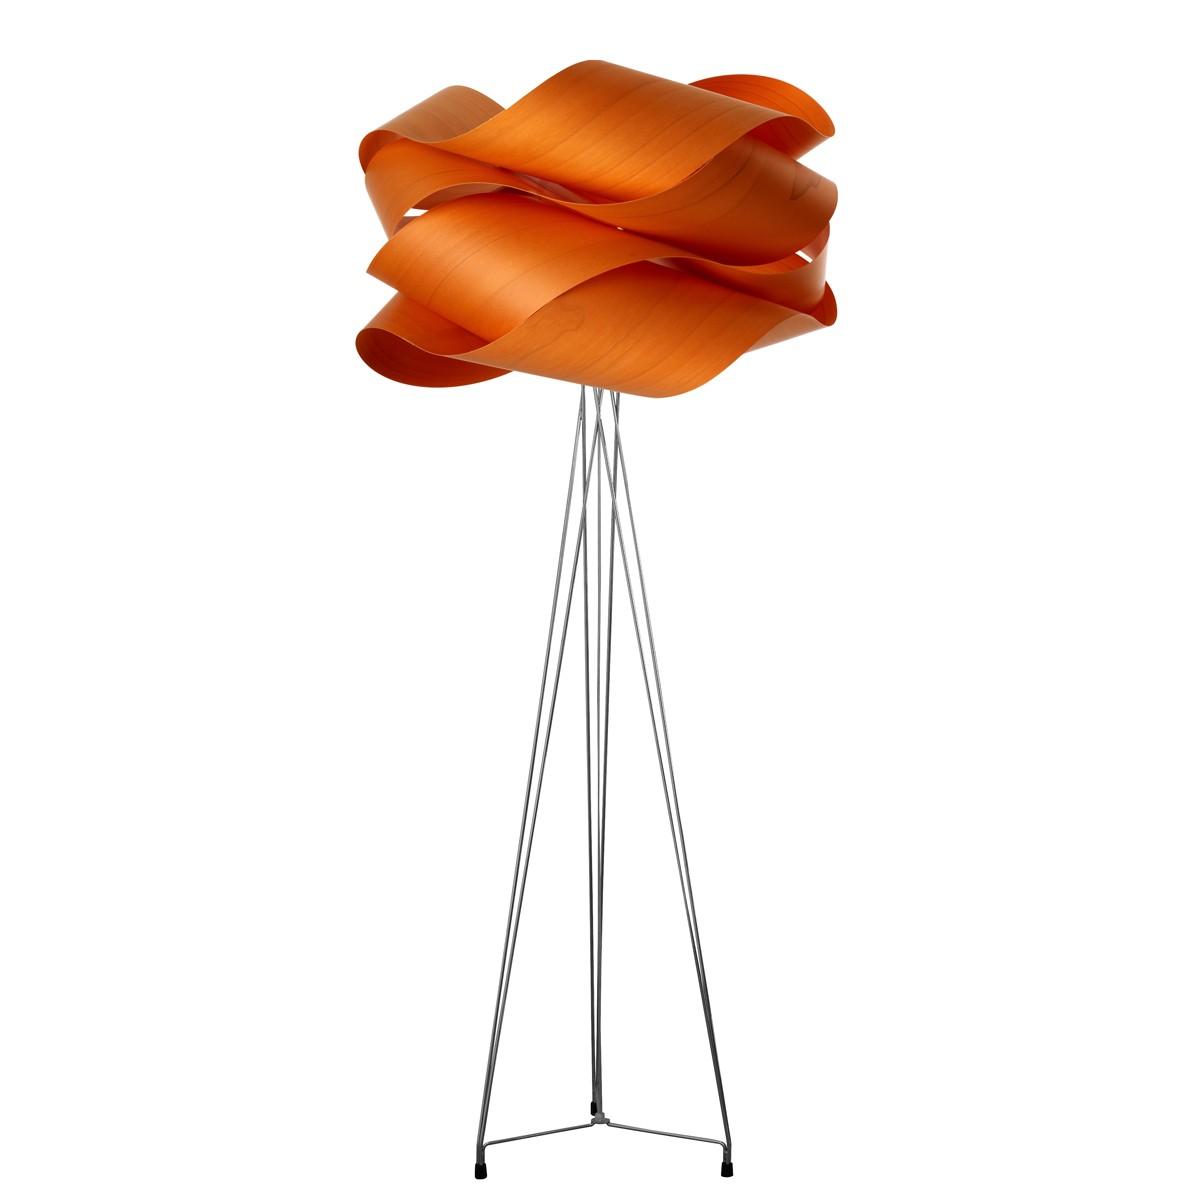 LZF Lamps Link Stehleuchte, Schirm: orange